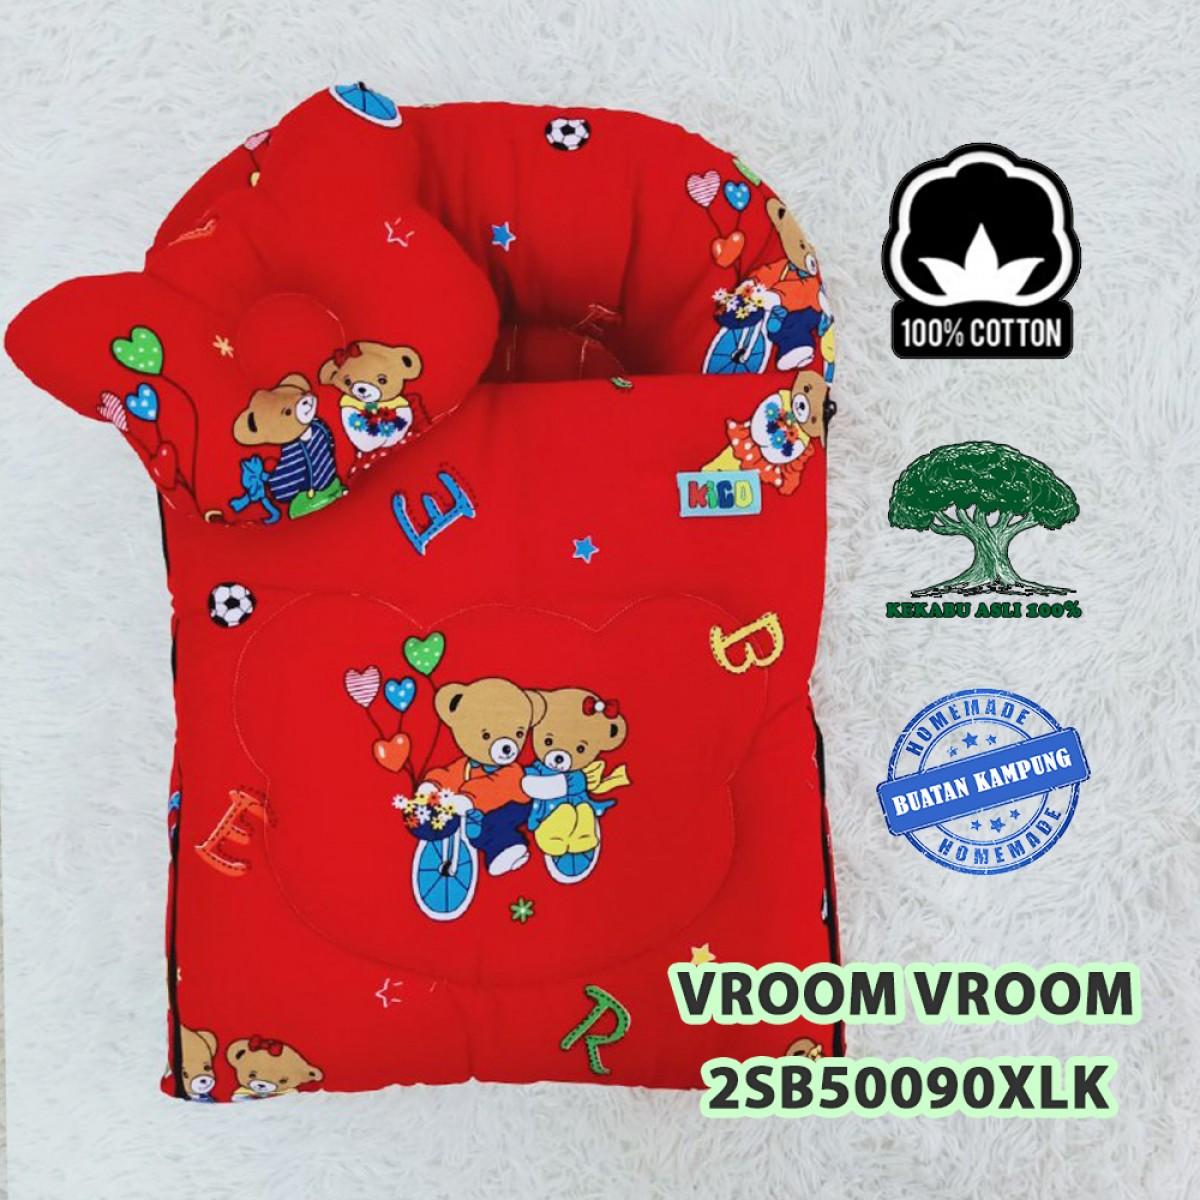 Vroom Vroom - Kico Baby Center